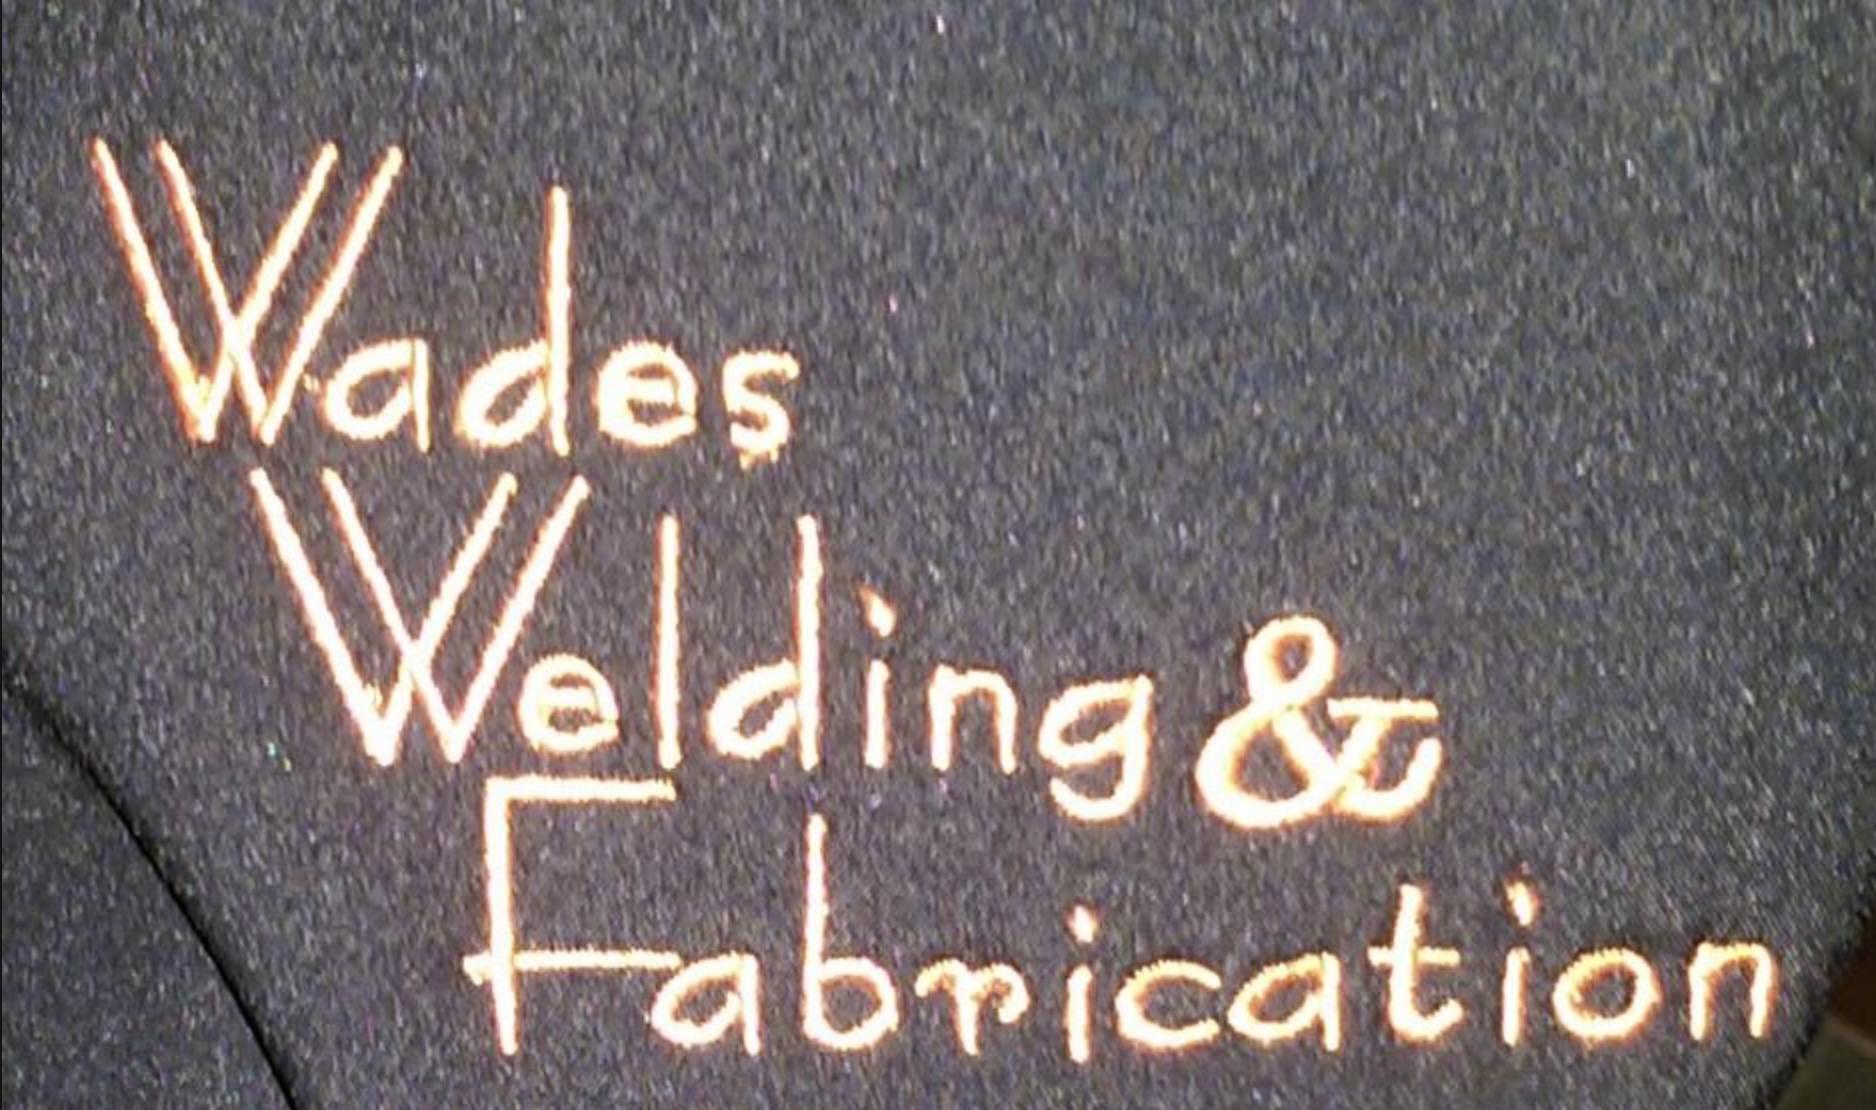 Wades Welding